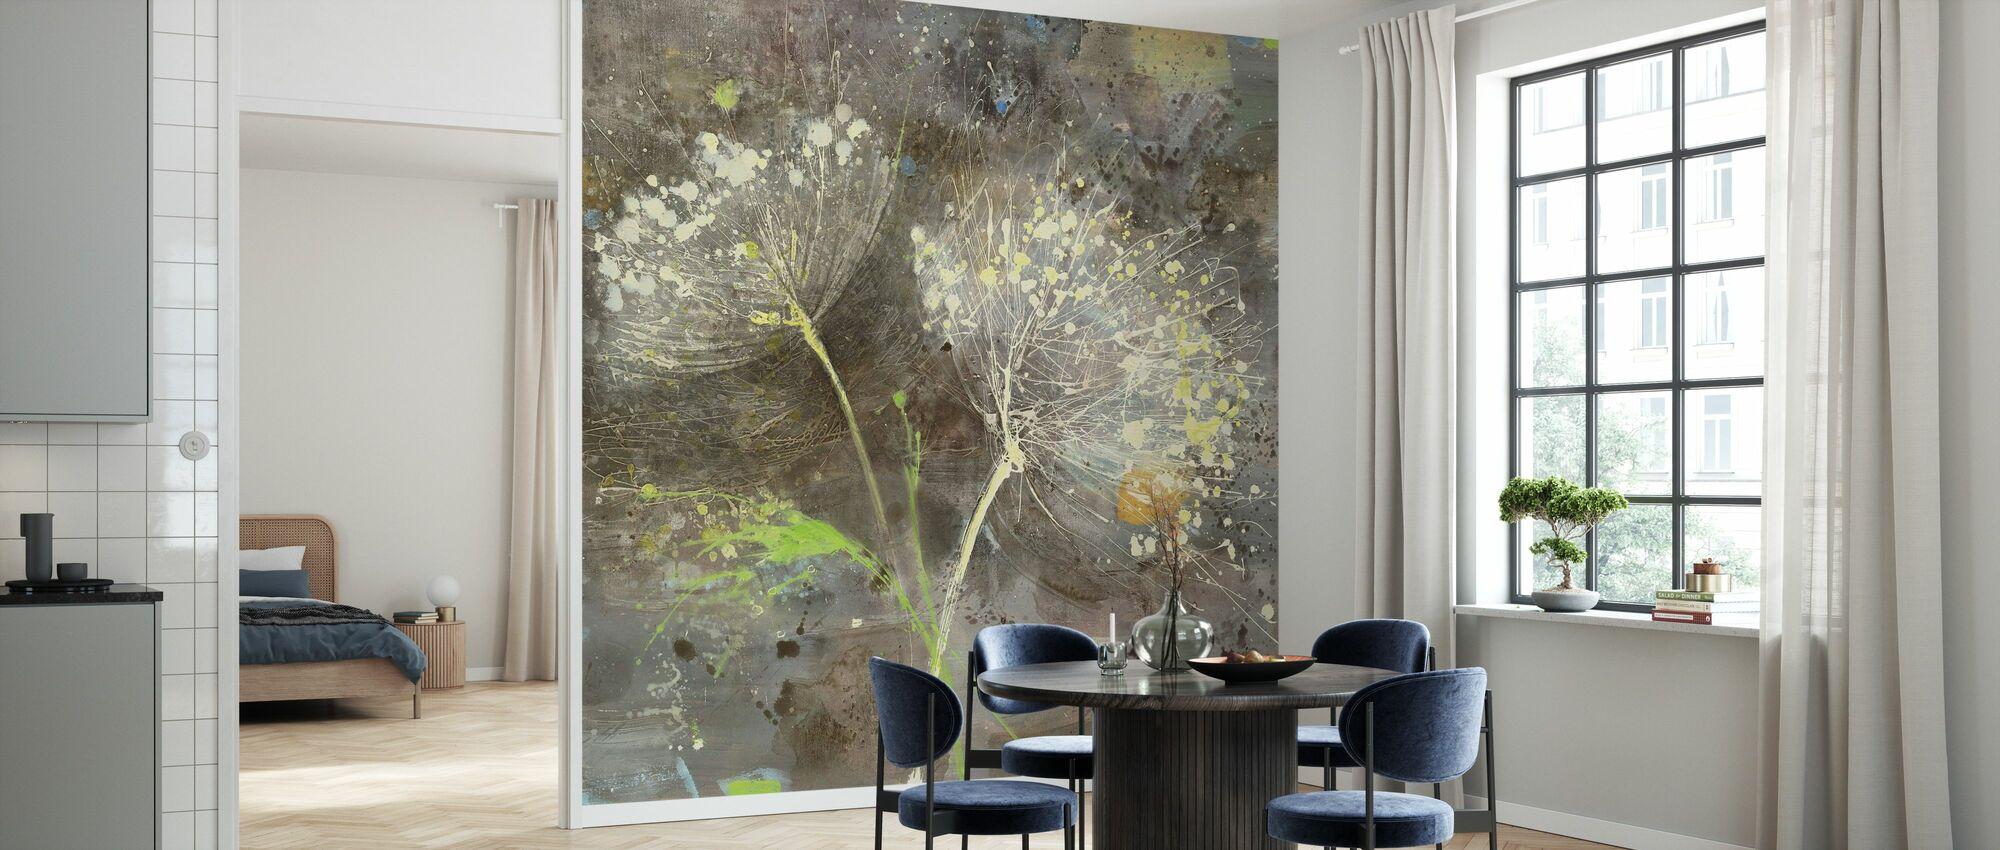 Sparklers 3 - Wallpaper - Kitchen